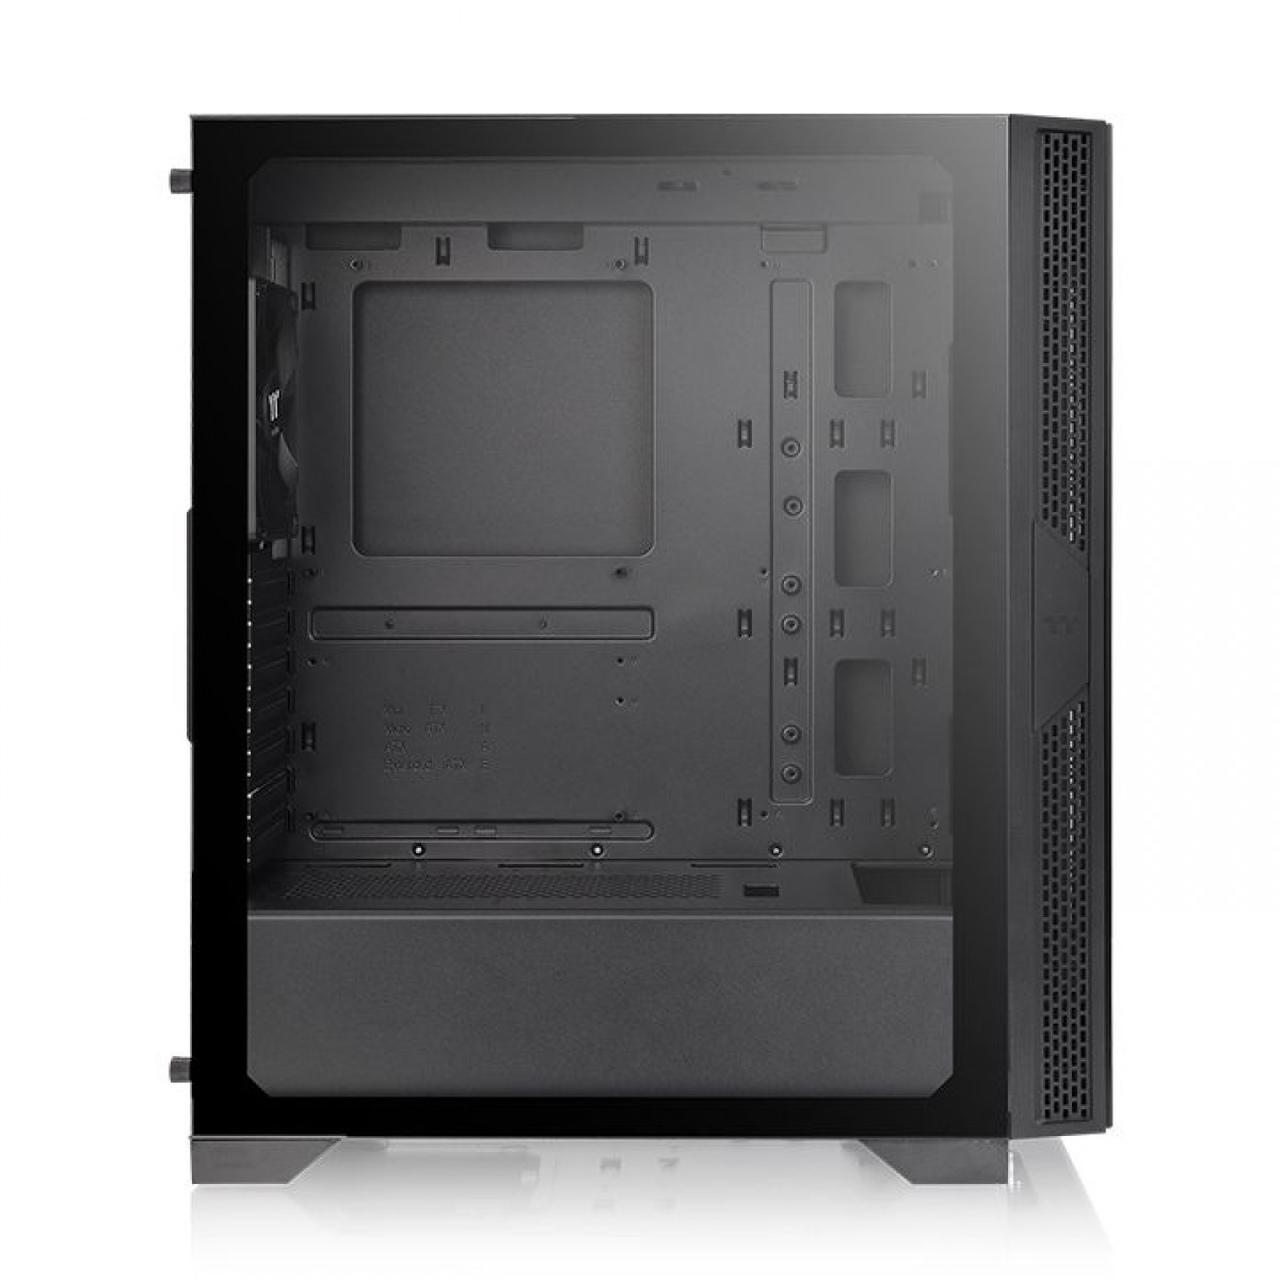 Gabinete Gamer Thermaltake Versa T25 Mid Tower Vidro Temperado Black ATX Sem Fonte Com 1 Fan CA-1R5-00M1WN-00